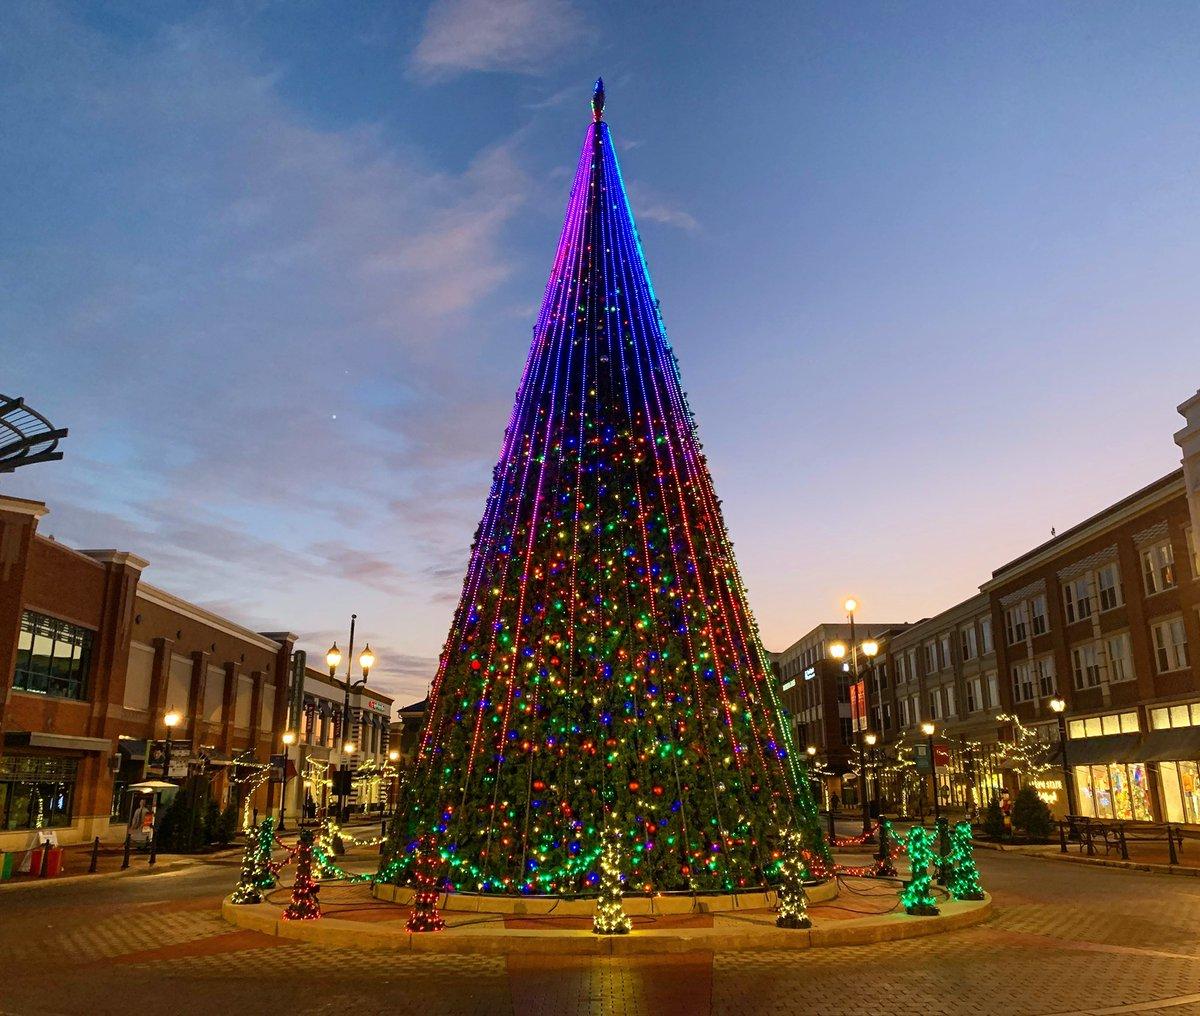 Put In Bay Christmas In July 2020 Twitter Crocker Park (@CrockerPark) | Twitter